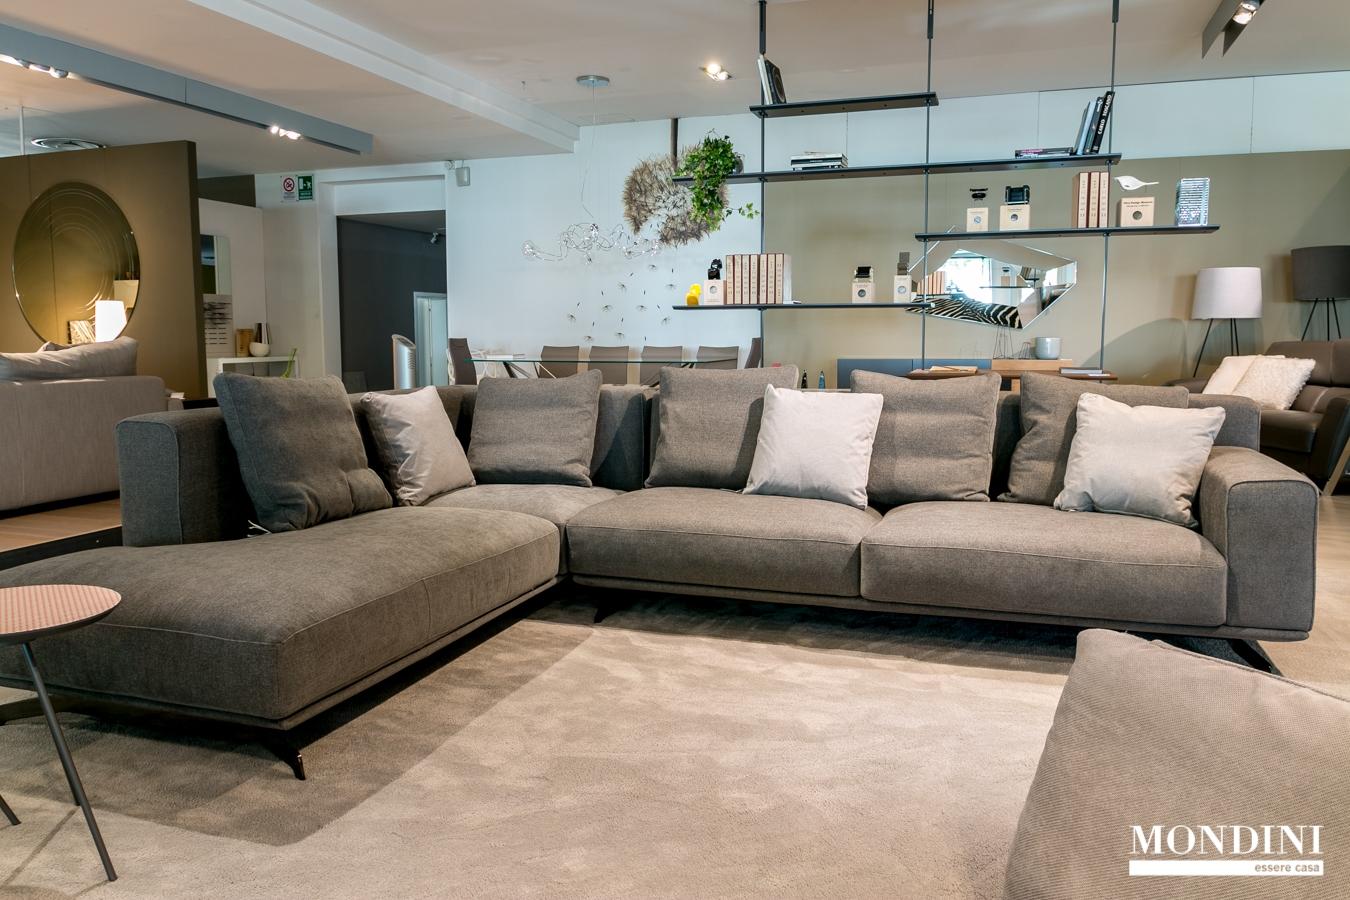 Divano ad angolo ditr italia modello dalton soft scontato del 40 divani a prezzi scontati - Dimensioni divano ad angolo ...